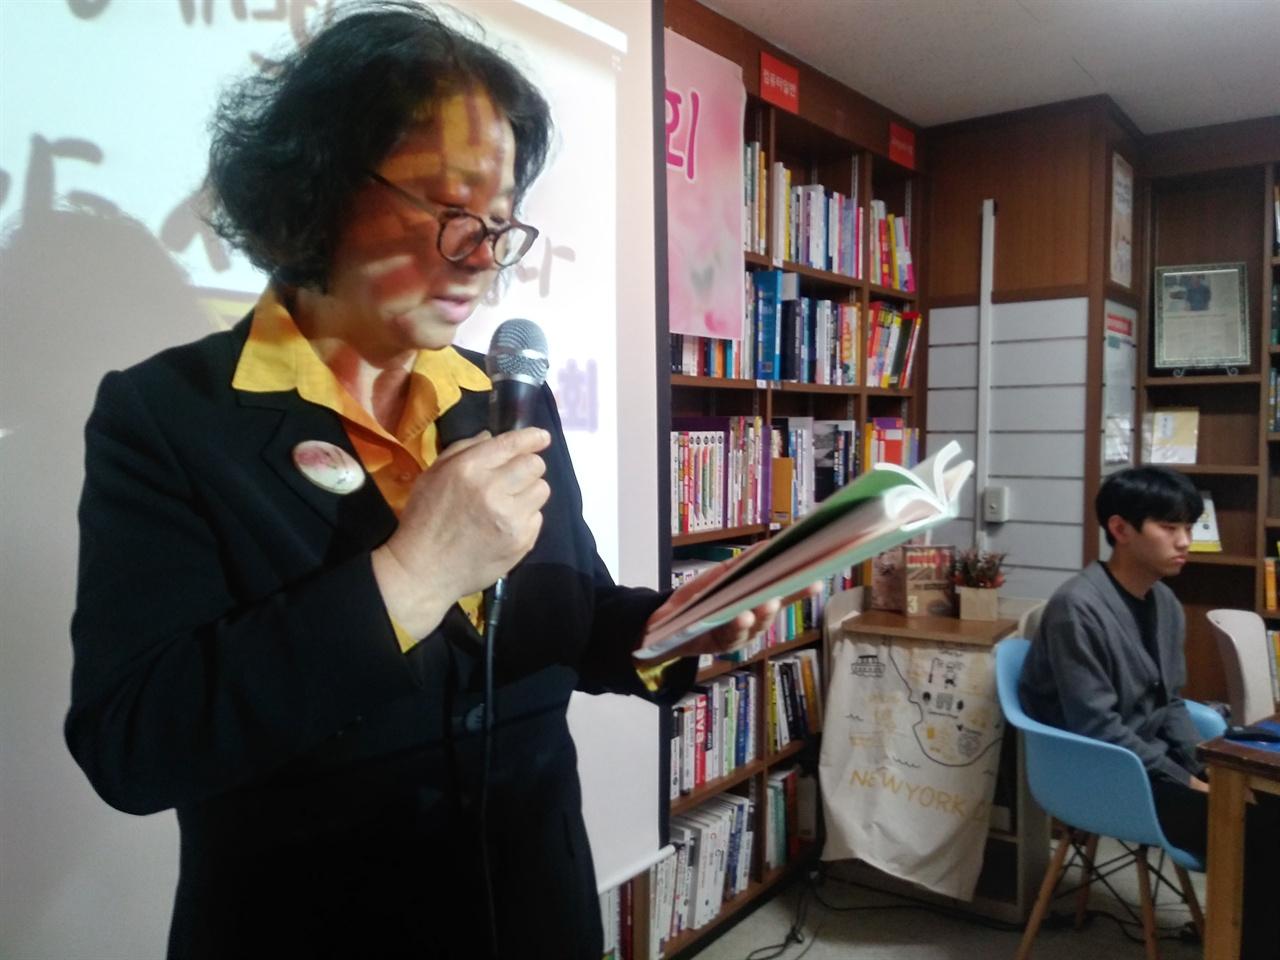 항상 마음 속으로 글을 써온 이숙자 선생님이 나태주 시인의 시를 낭독하고 있다.